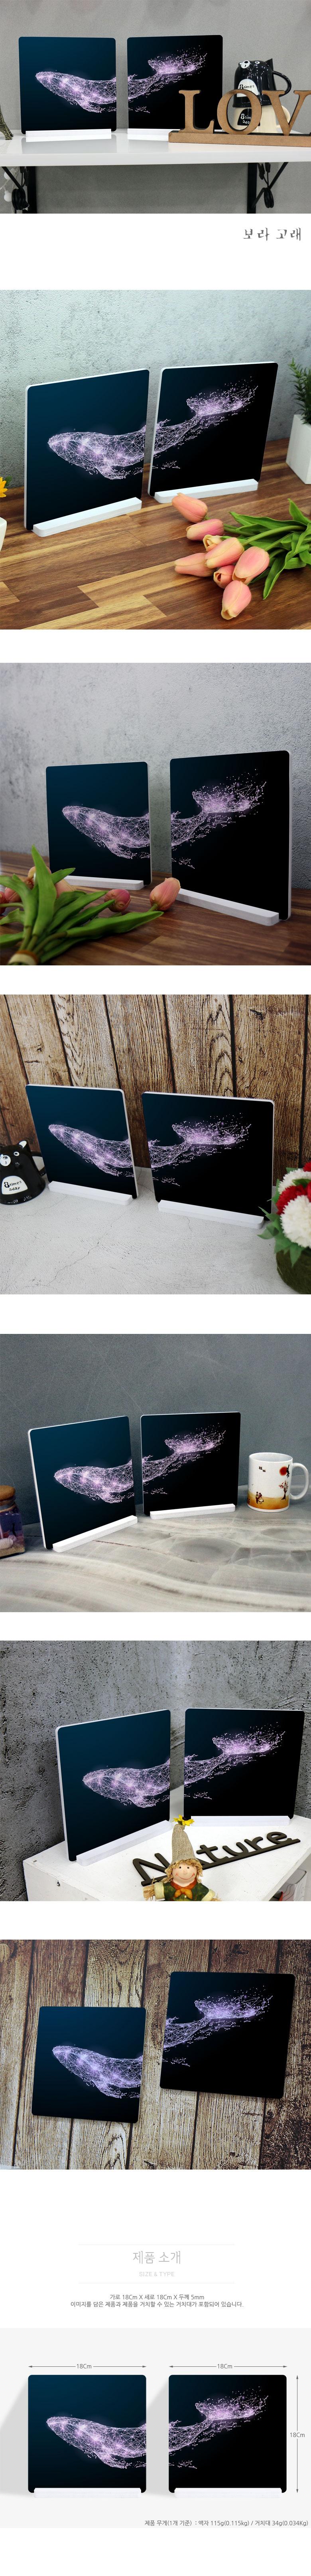 스탠드액자2P_보라고래 - 꾸밈, 12,800원, 홈갤러리, 사진아트